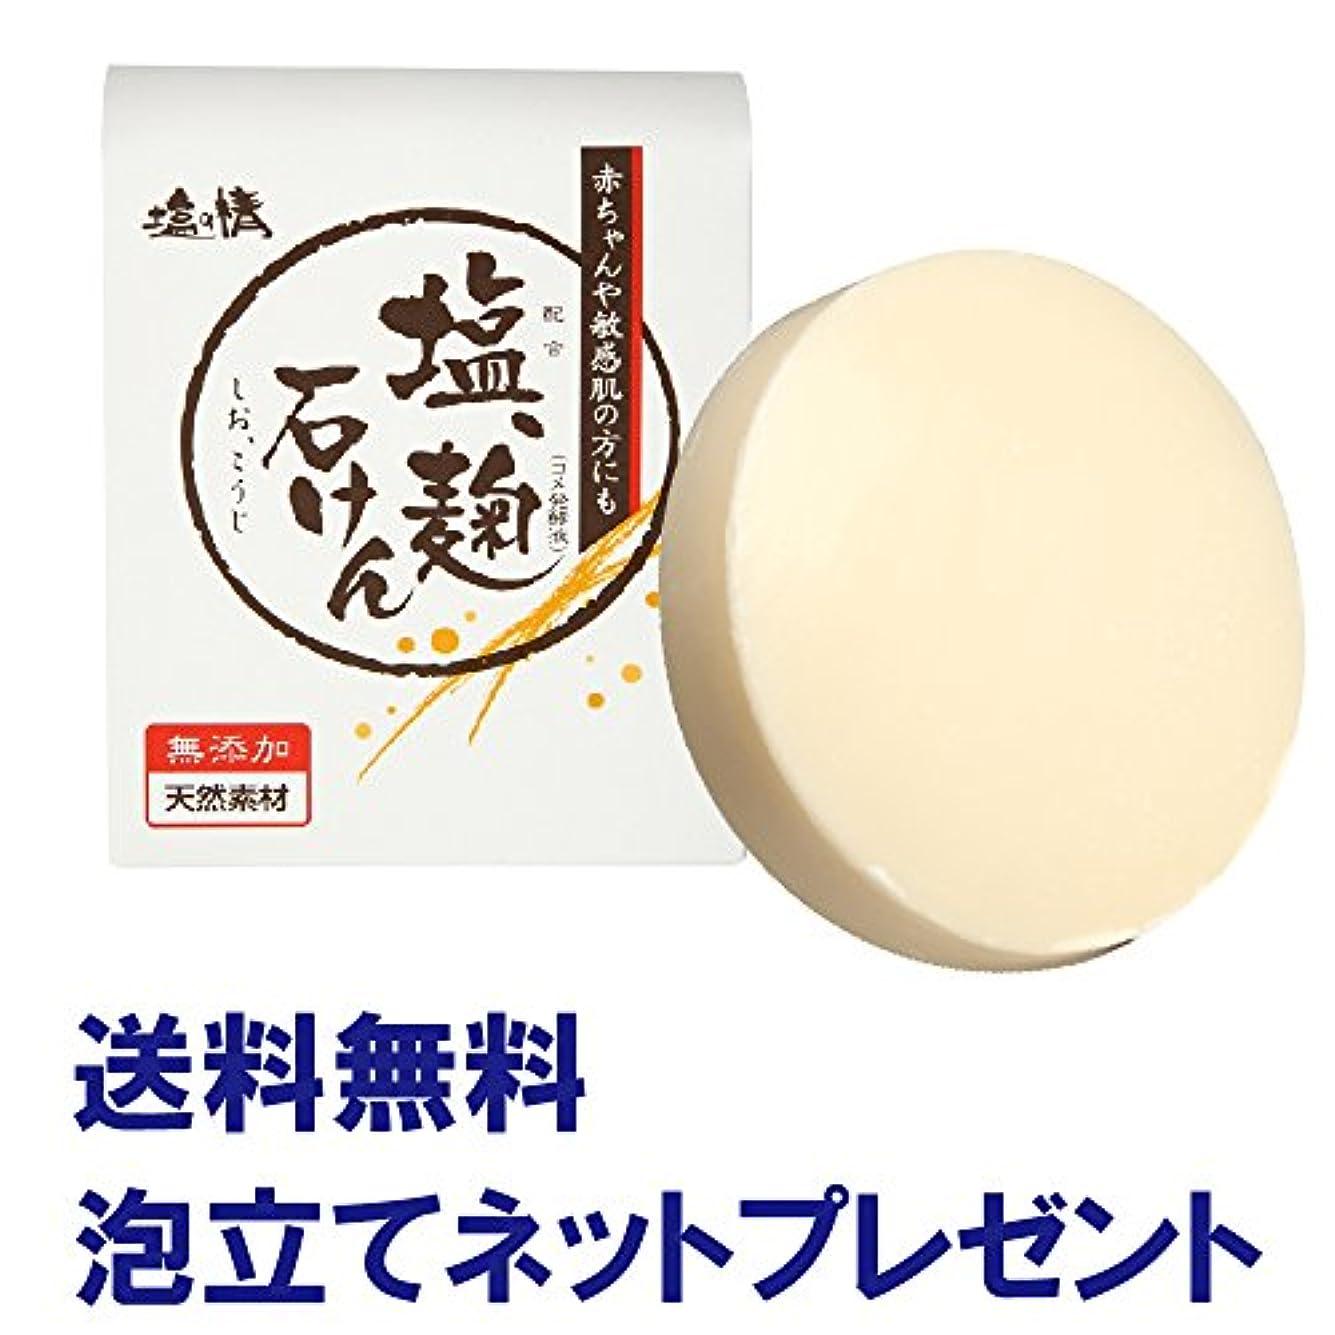 皮肉な器用子供っぽいダイム 塩の精 無添加 塩、麹洗顔石鹸 80g 泡立てネットプレゼント